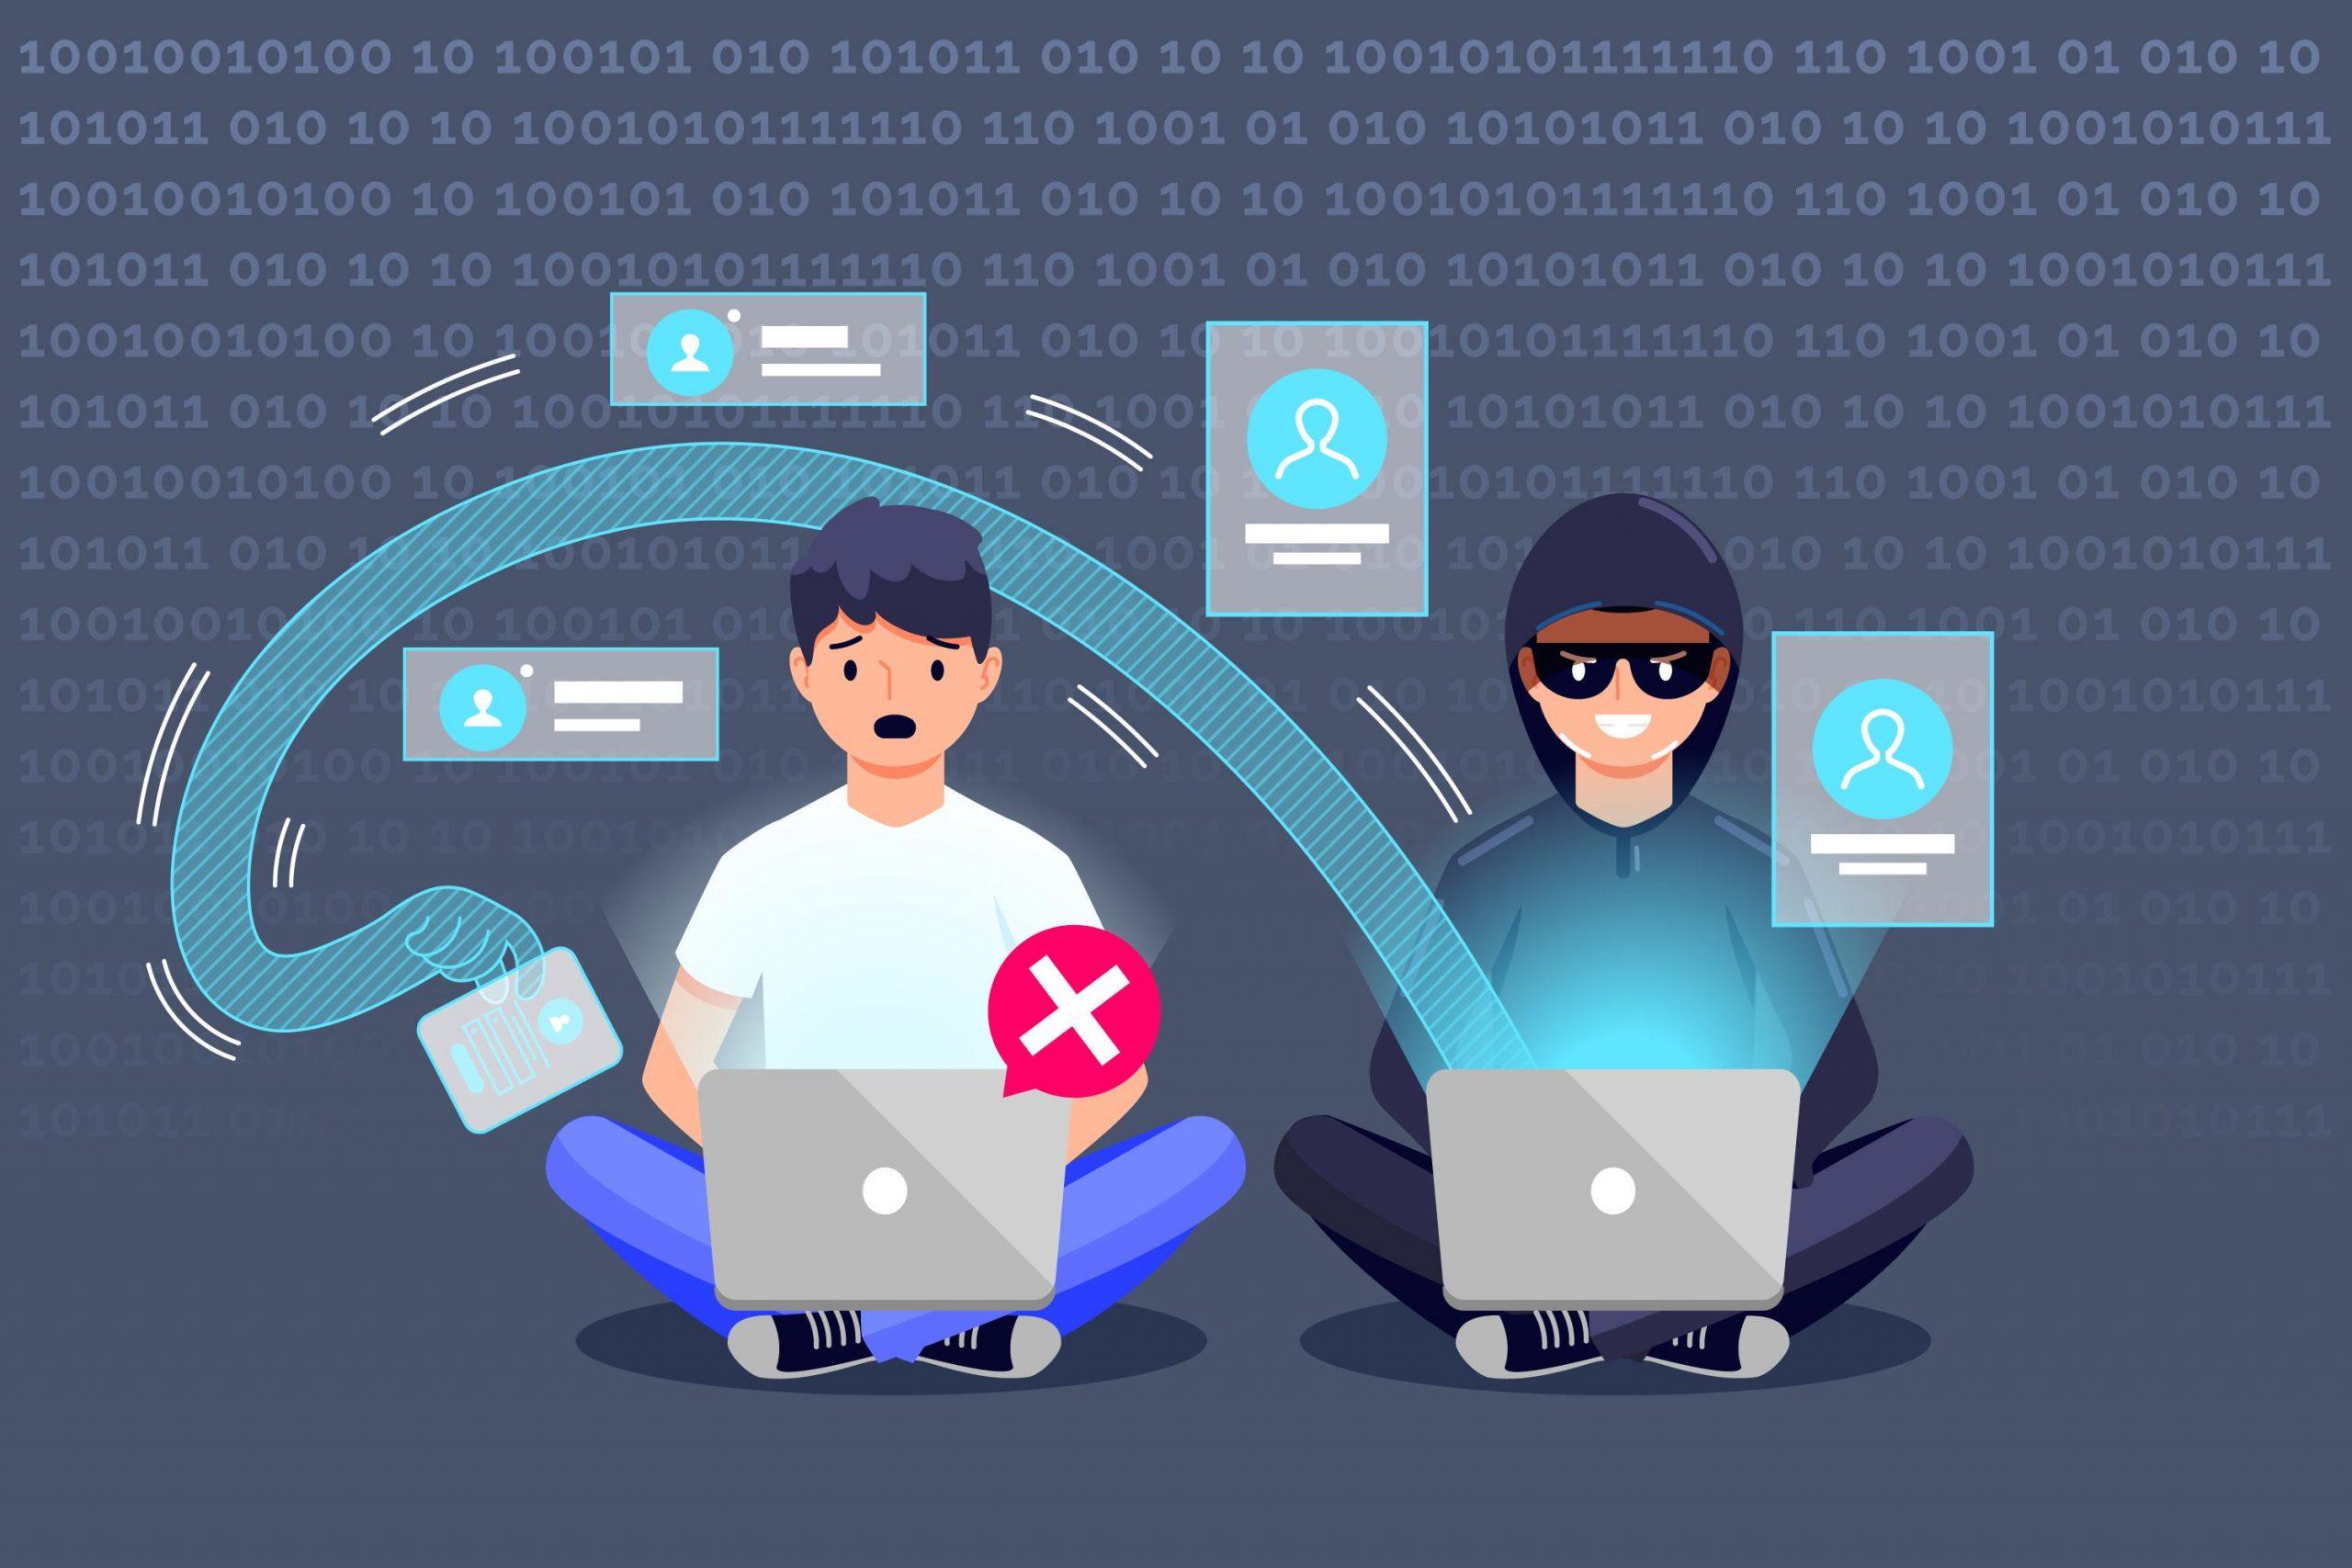 3808762 scaled - كيفية ازالة برامج التجسس من الموبايل للايفون والاندرويد